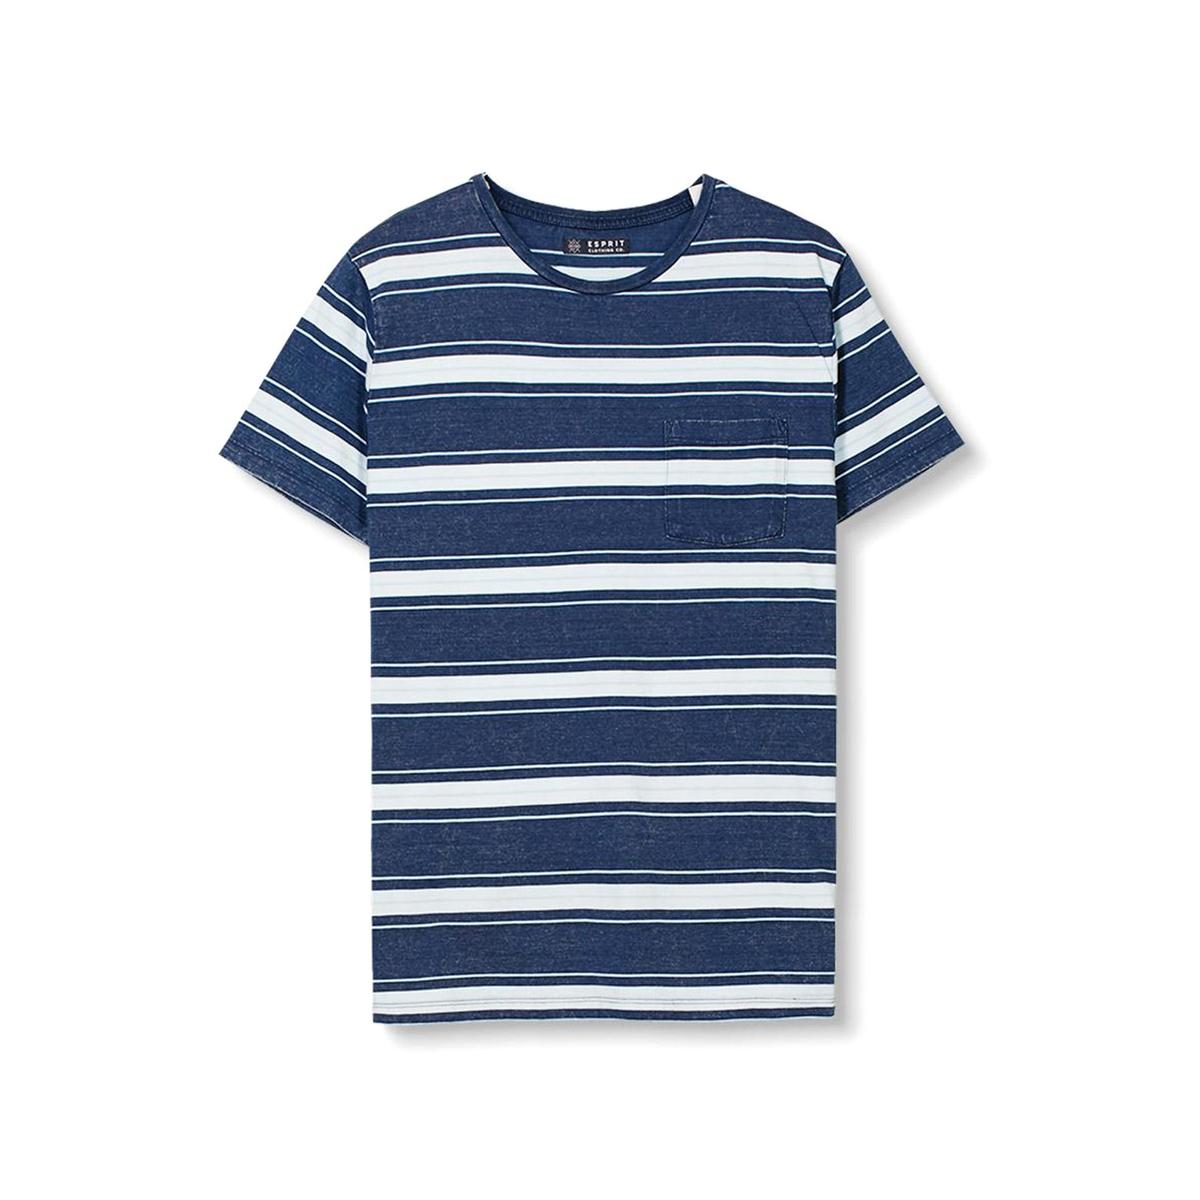 Футболка в полоску с круглым вырезом футболка esprit esprit es393egrhk82